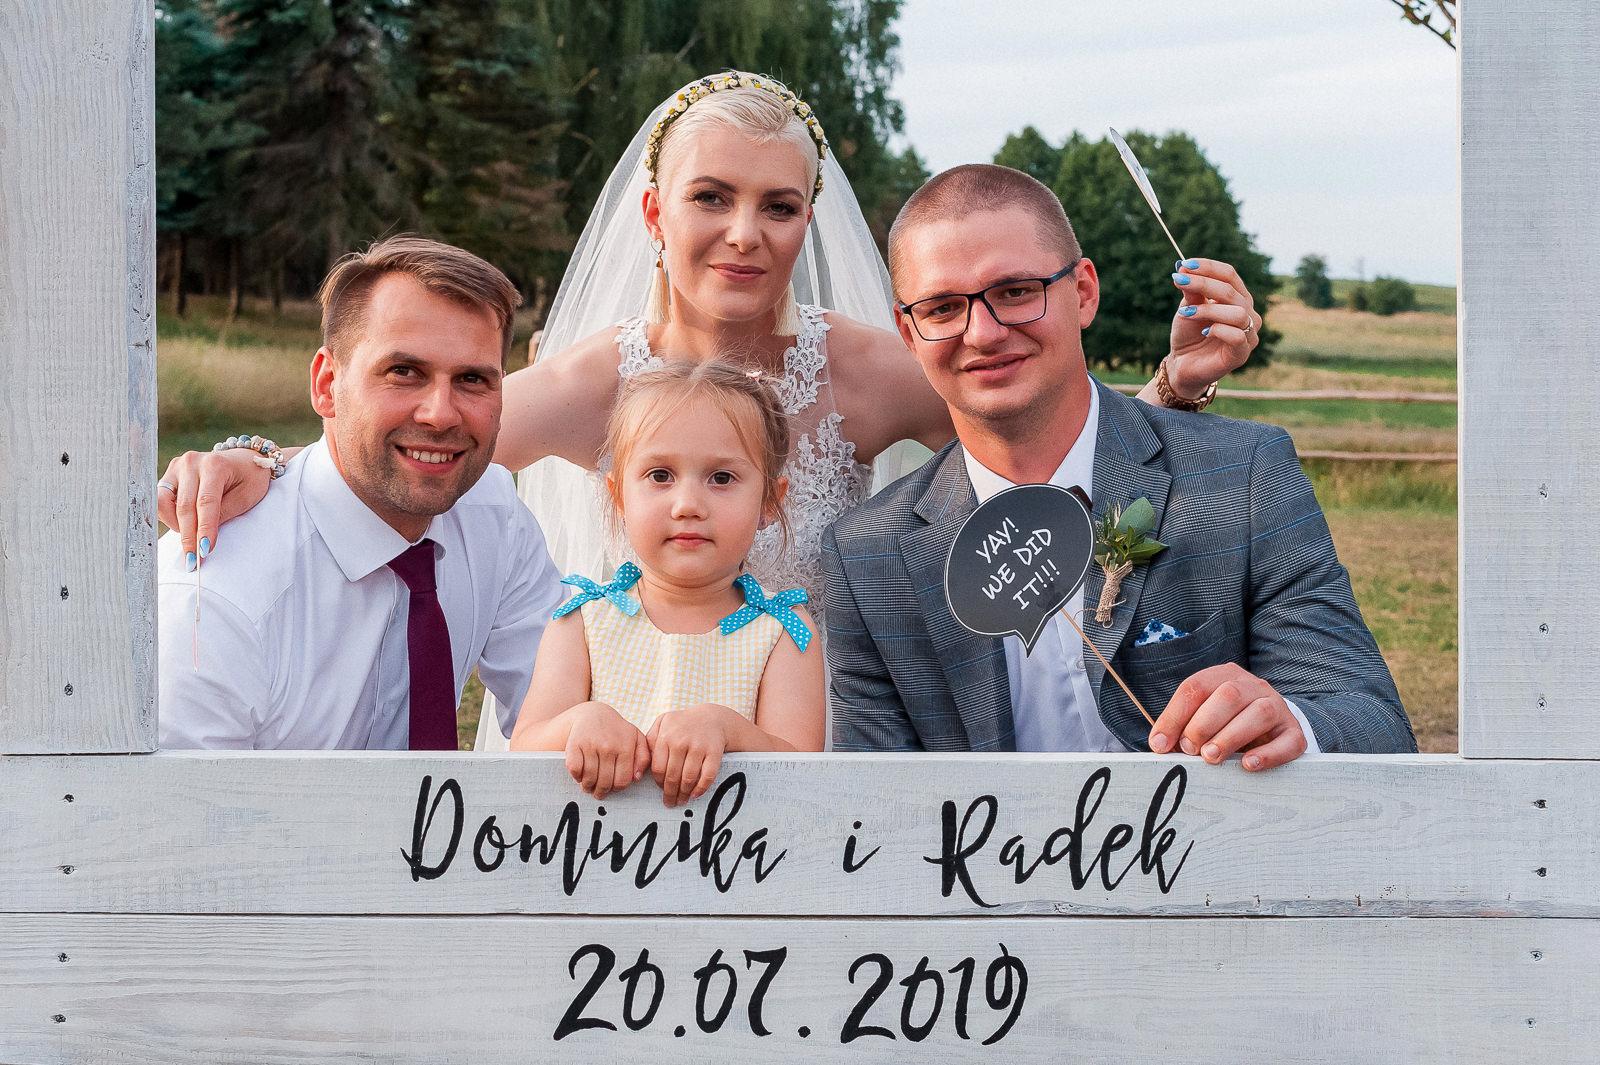 Podczas pozowania do zdjęć na weselach dobrze sprawdzają się wykonane specjalnie w tym celu ramki. Są one ciekawą alternatywą dla fotobudki.